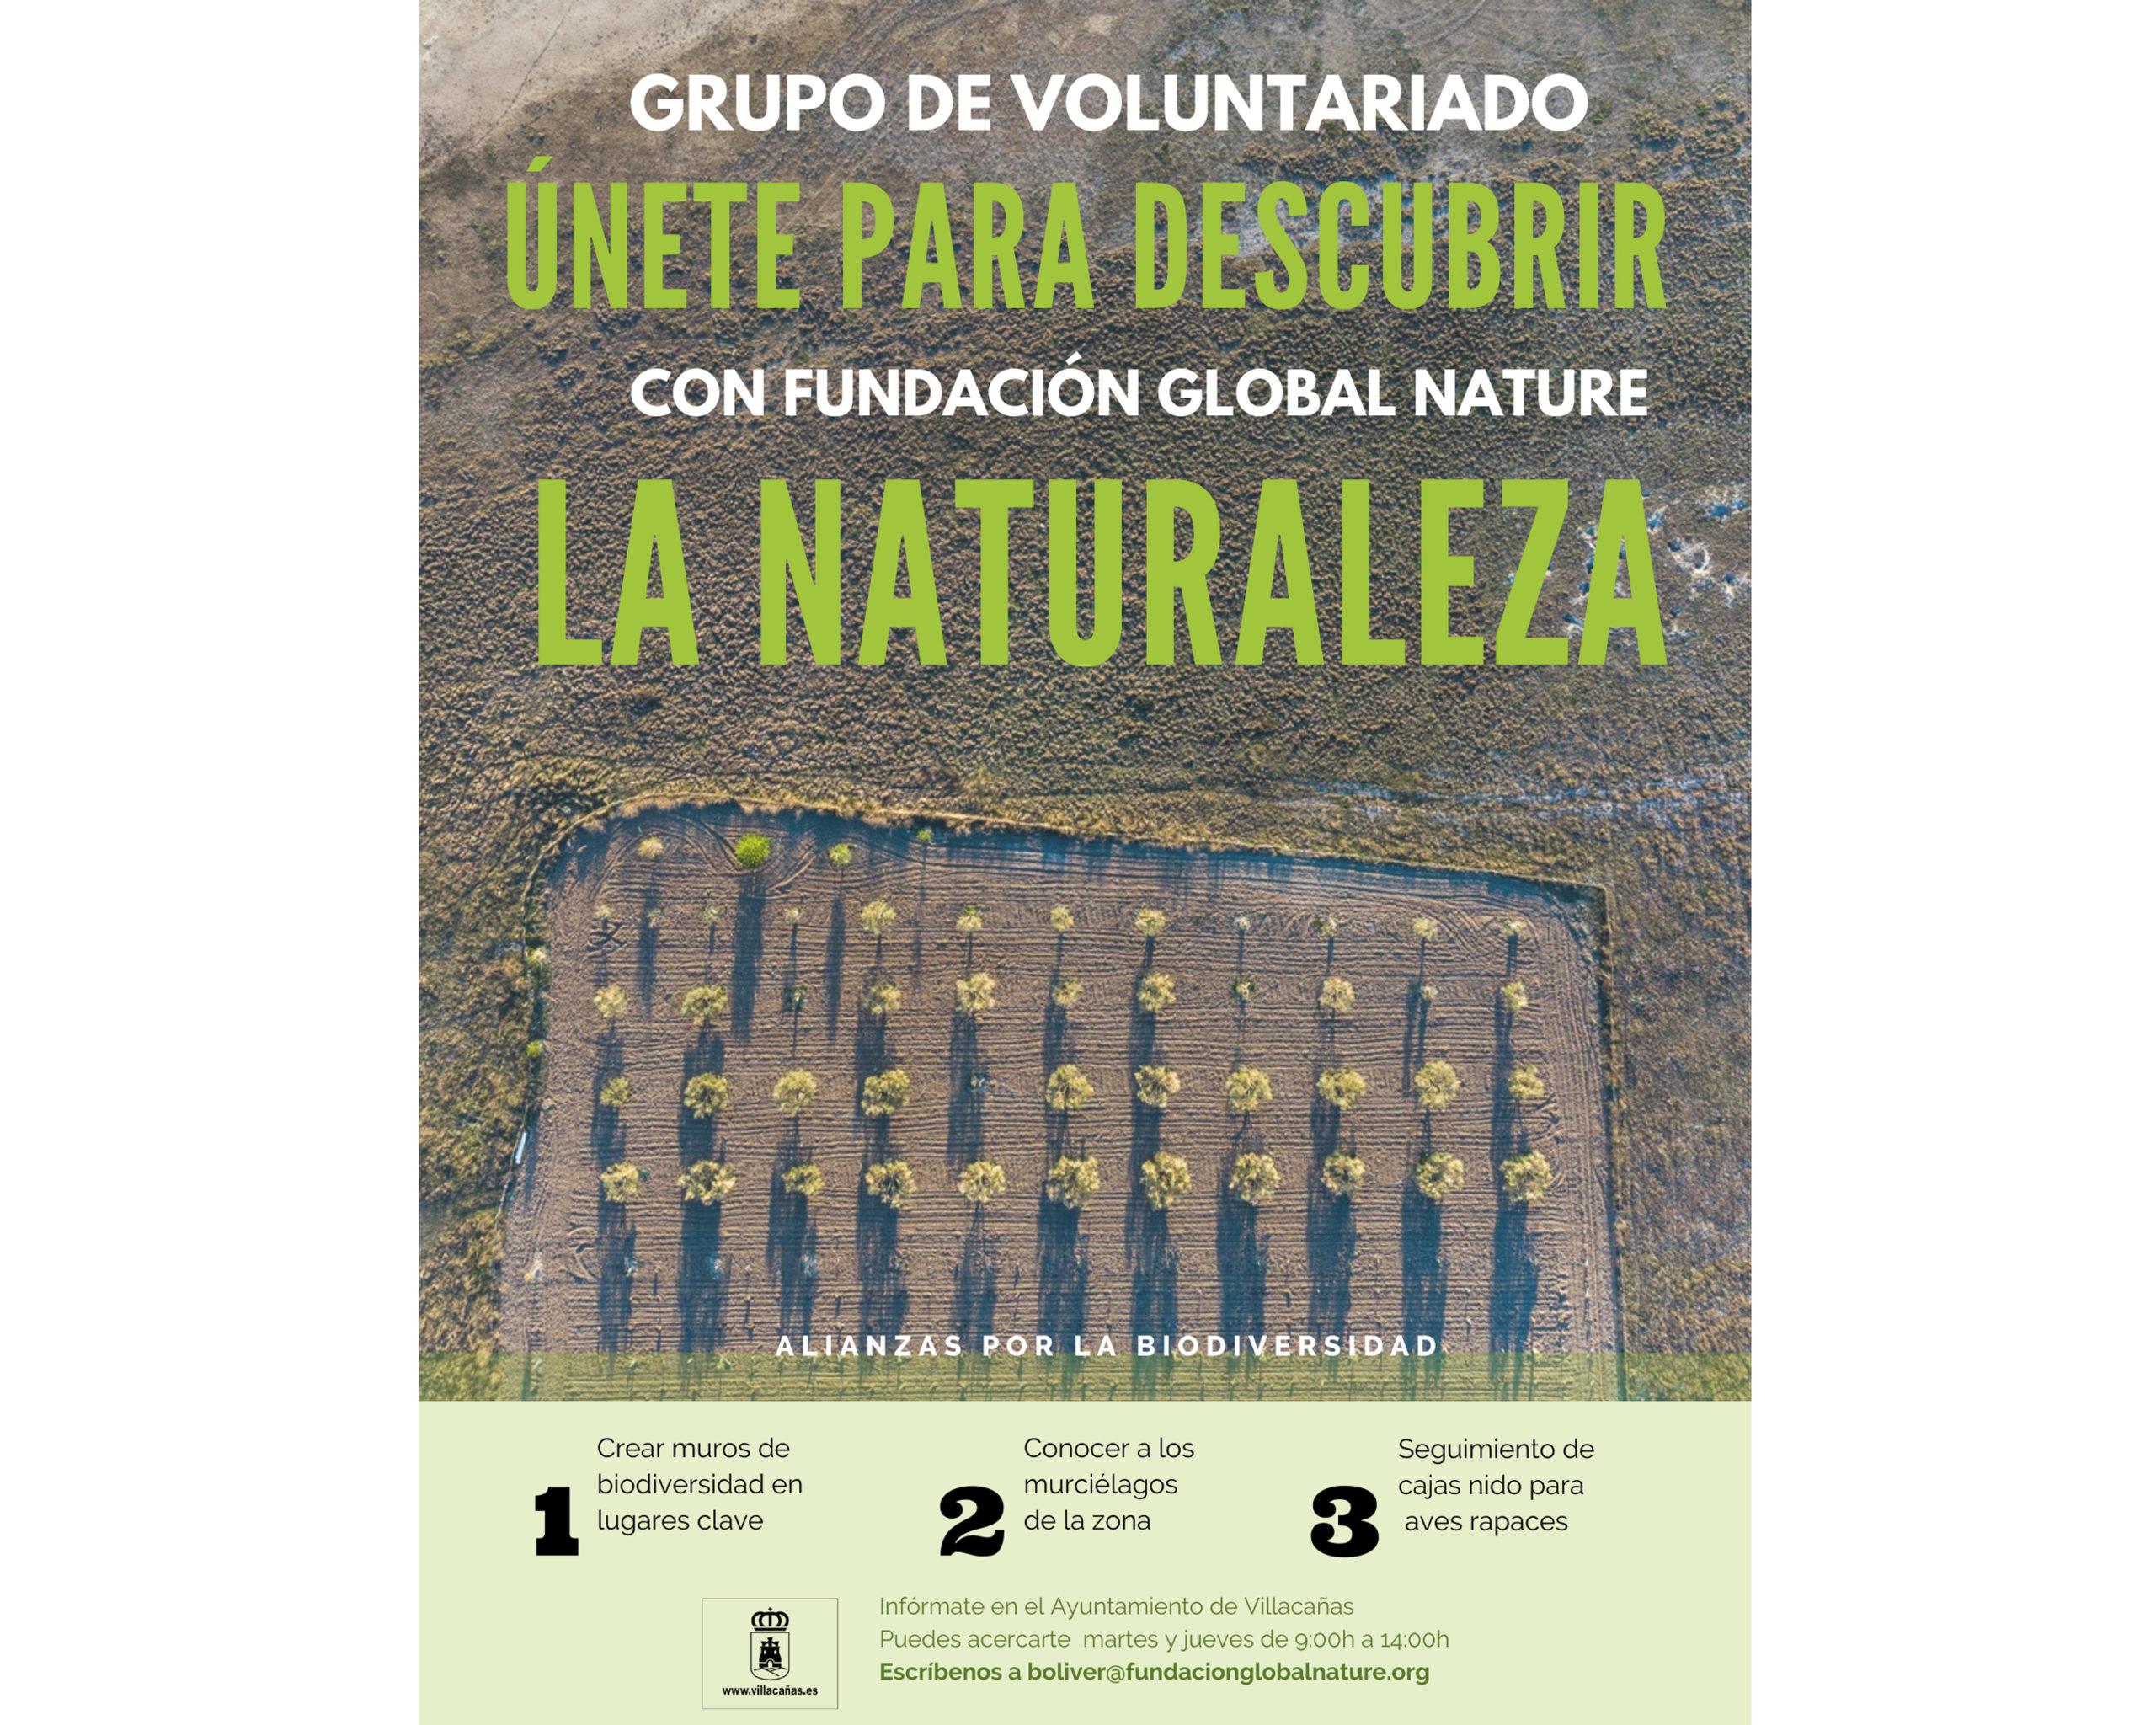 Red ciudadana para construir biodiversidad en entornos agrícolas